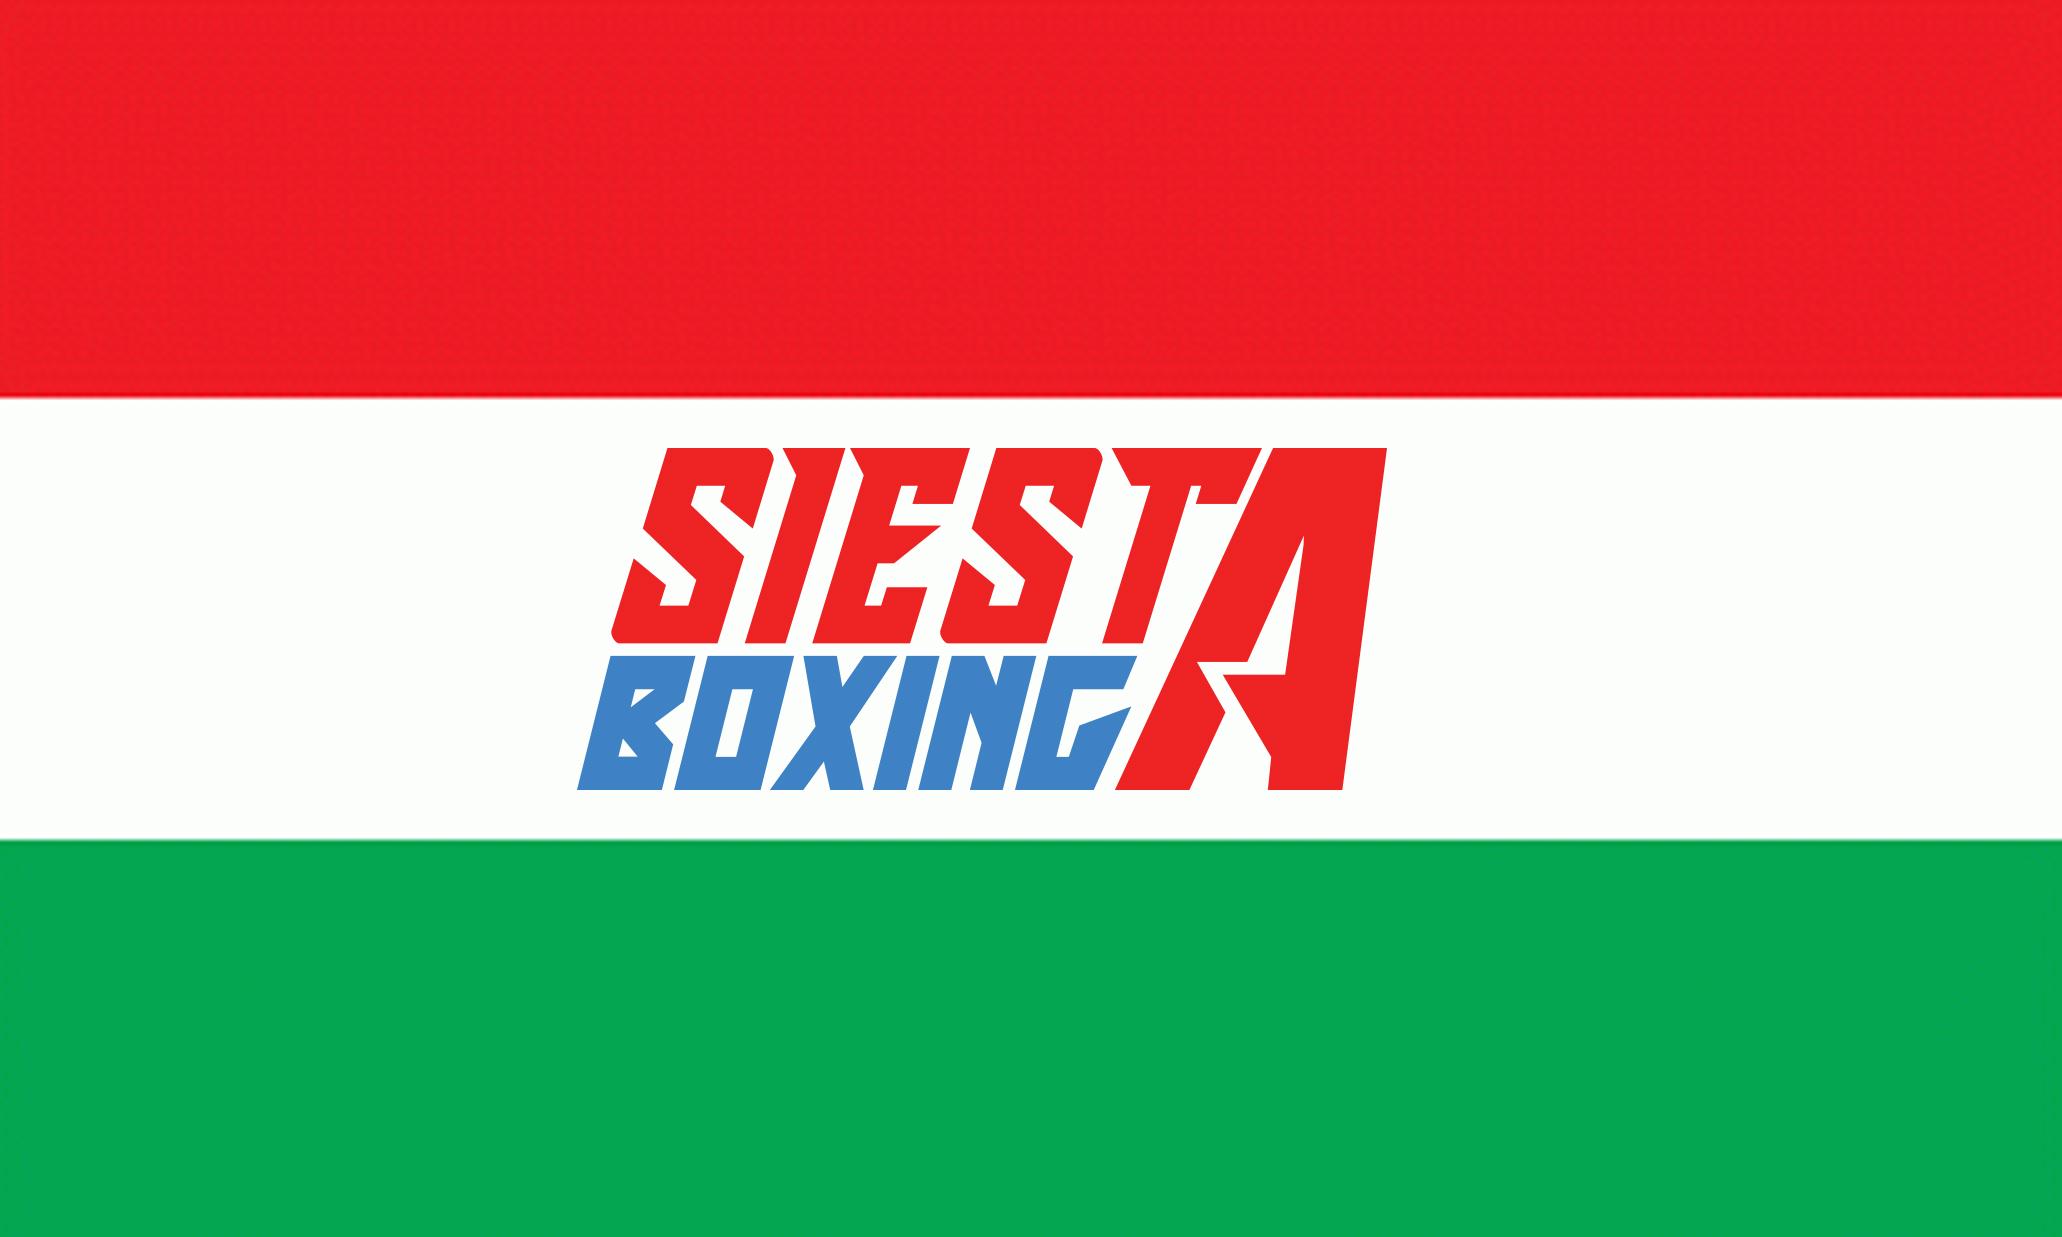 siesta_boxing_hungary.jpg